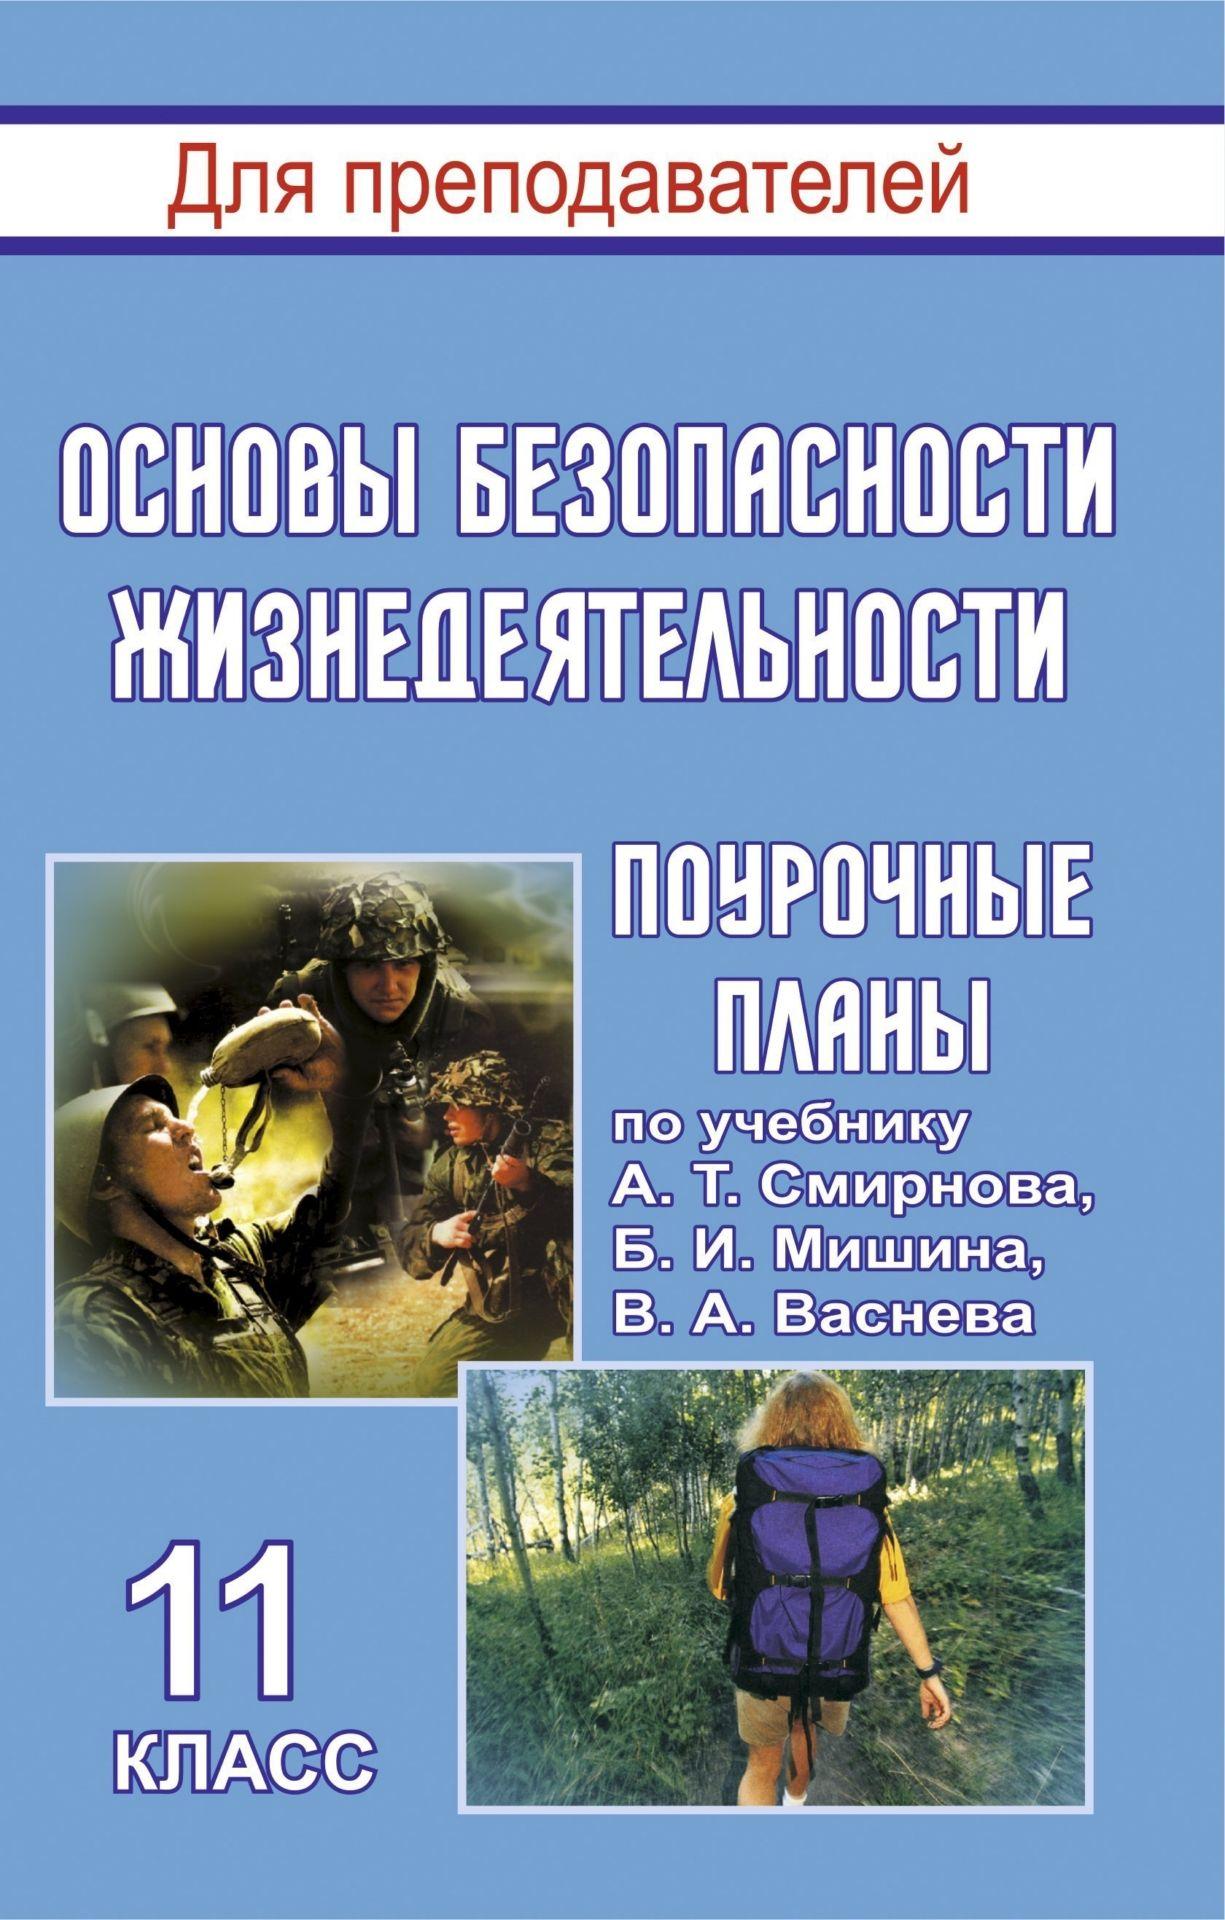 Основы безопасности жизнедеятельности. 11 класс: поурочные планы по учебнику А. Т. Смирнова и др.